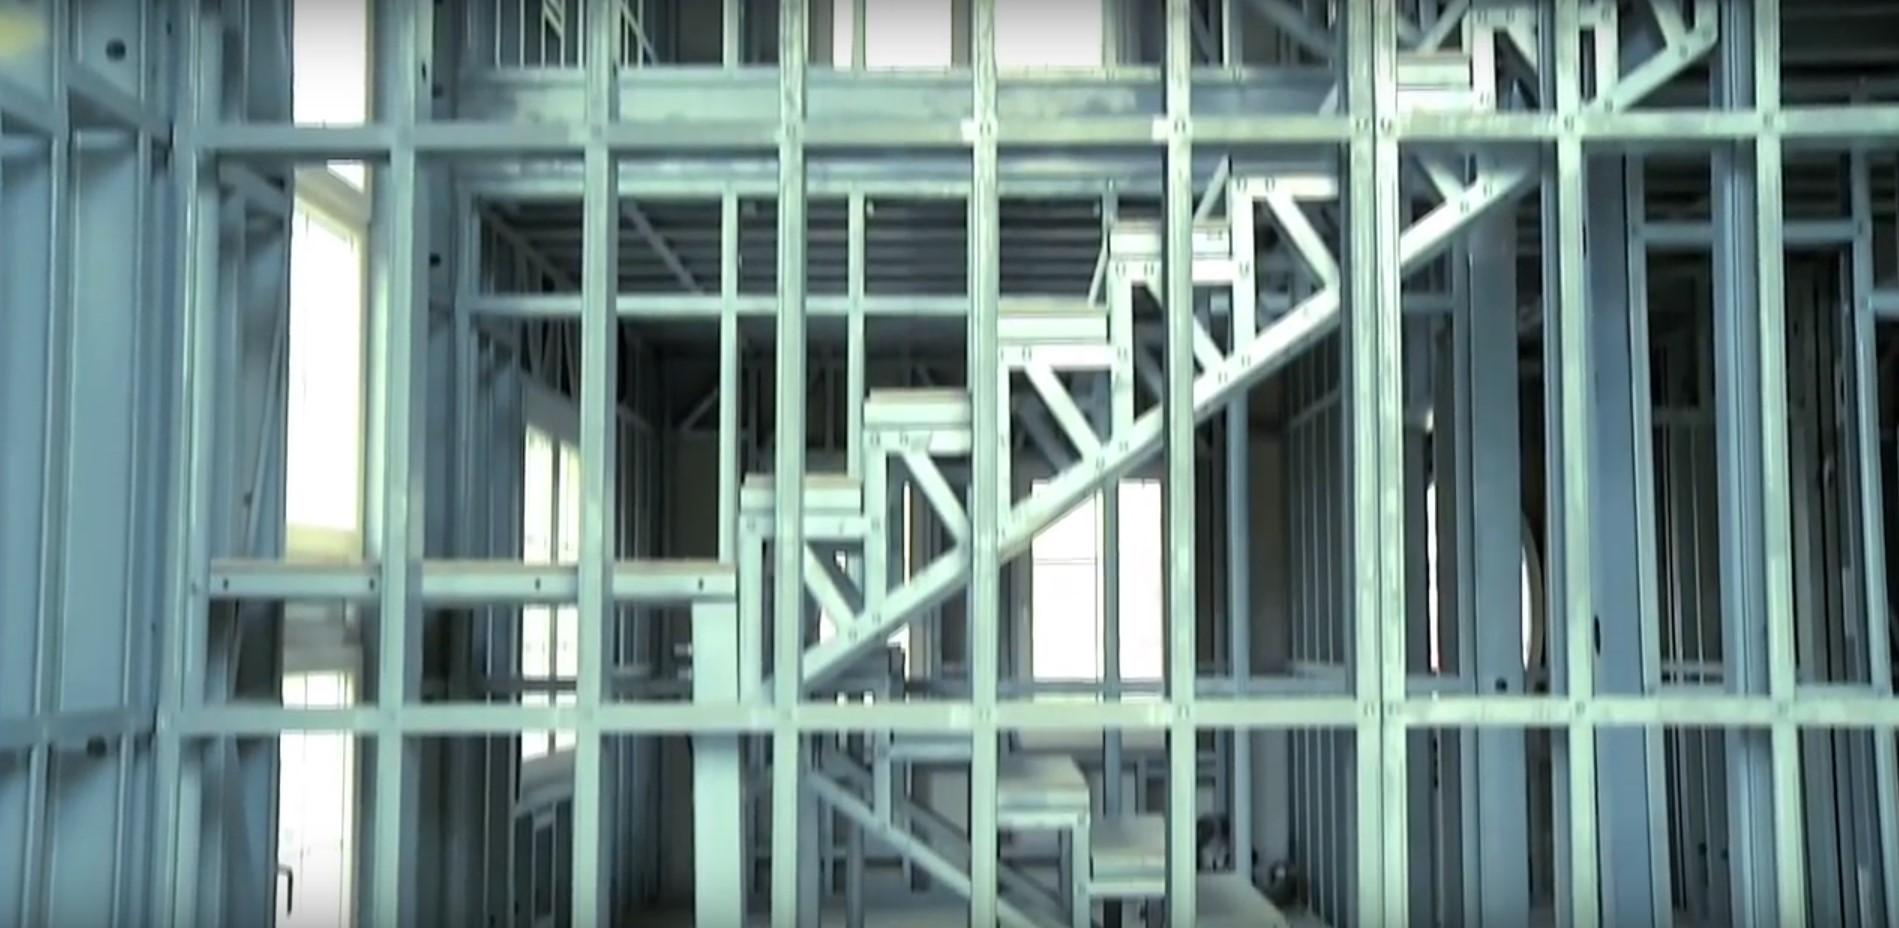 שלד פלדה מדרגות